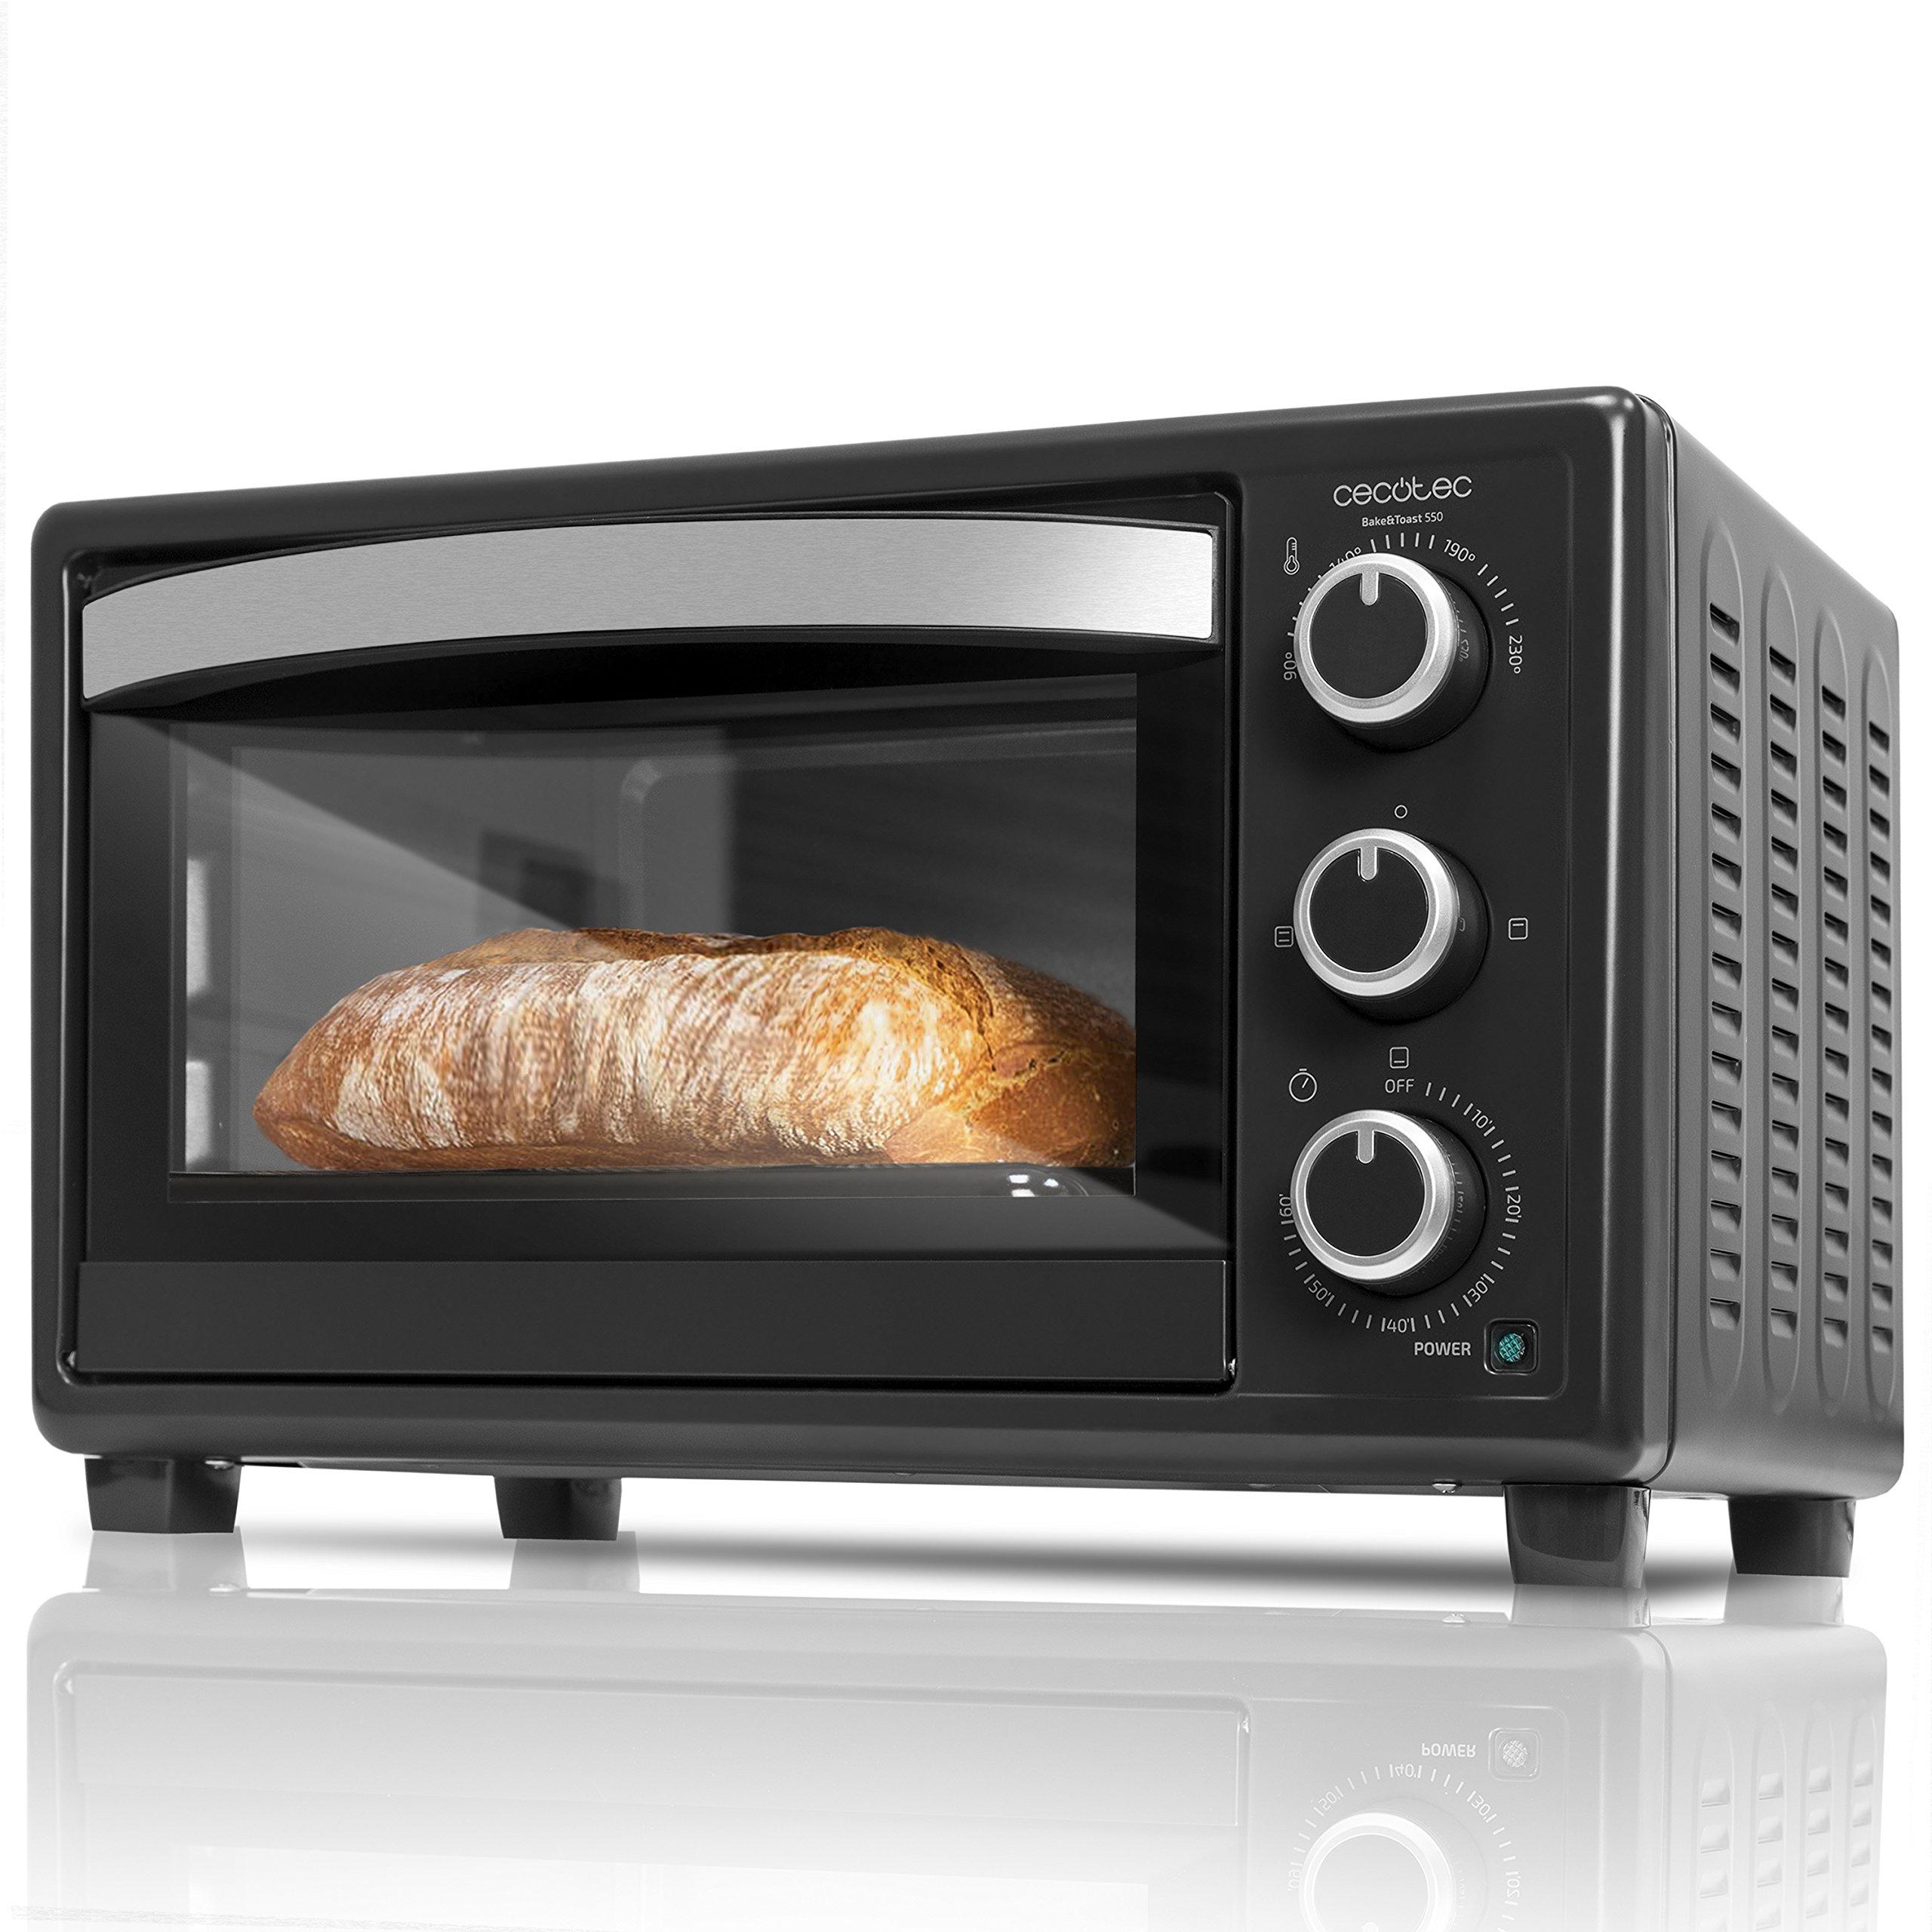 Cecotec Horno Conveccion Sobremesa Bake&Toast 550. Capacidad de 23 litros, 1500 W, 3 Modos, Temperatura hasta 230ºC y Tiempo hasta 60 Minutos, Incluye Bandeja Recogemigas product image